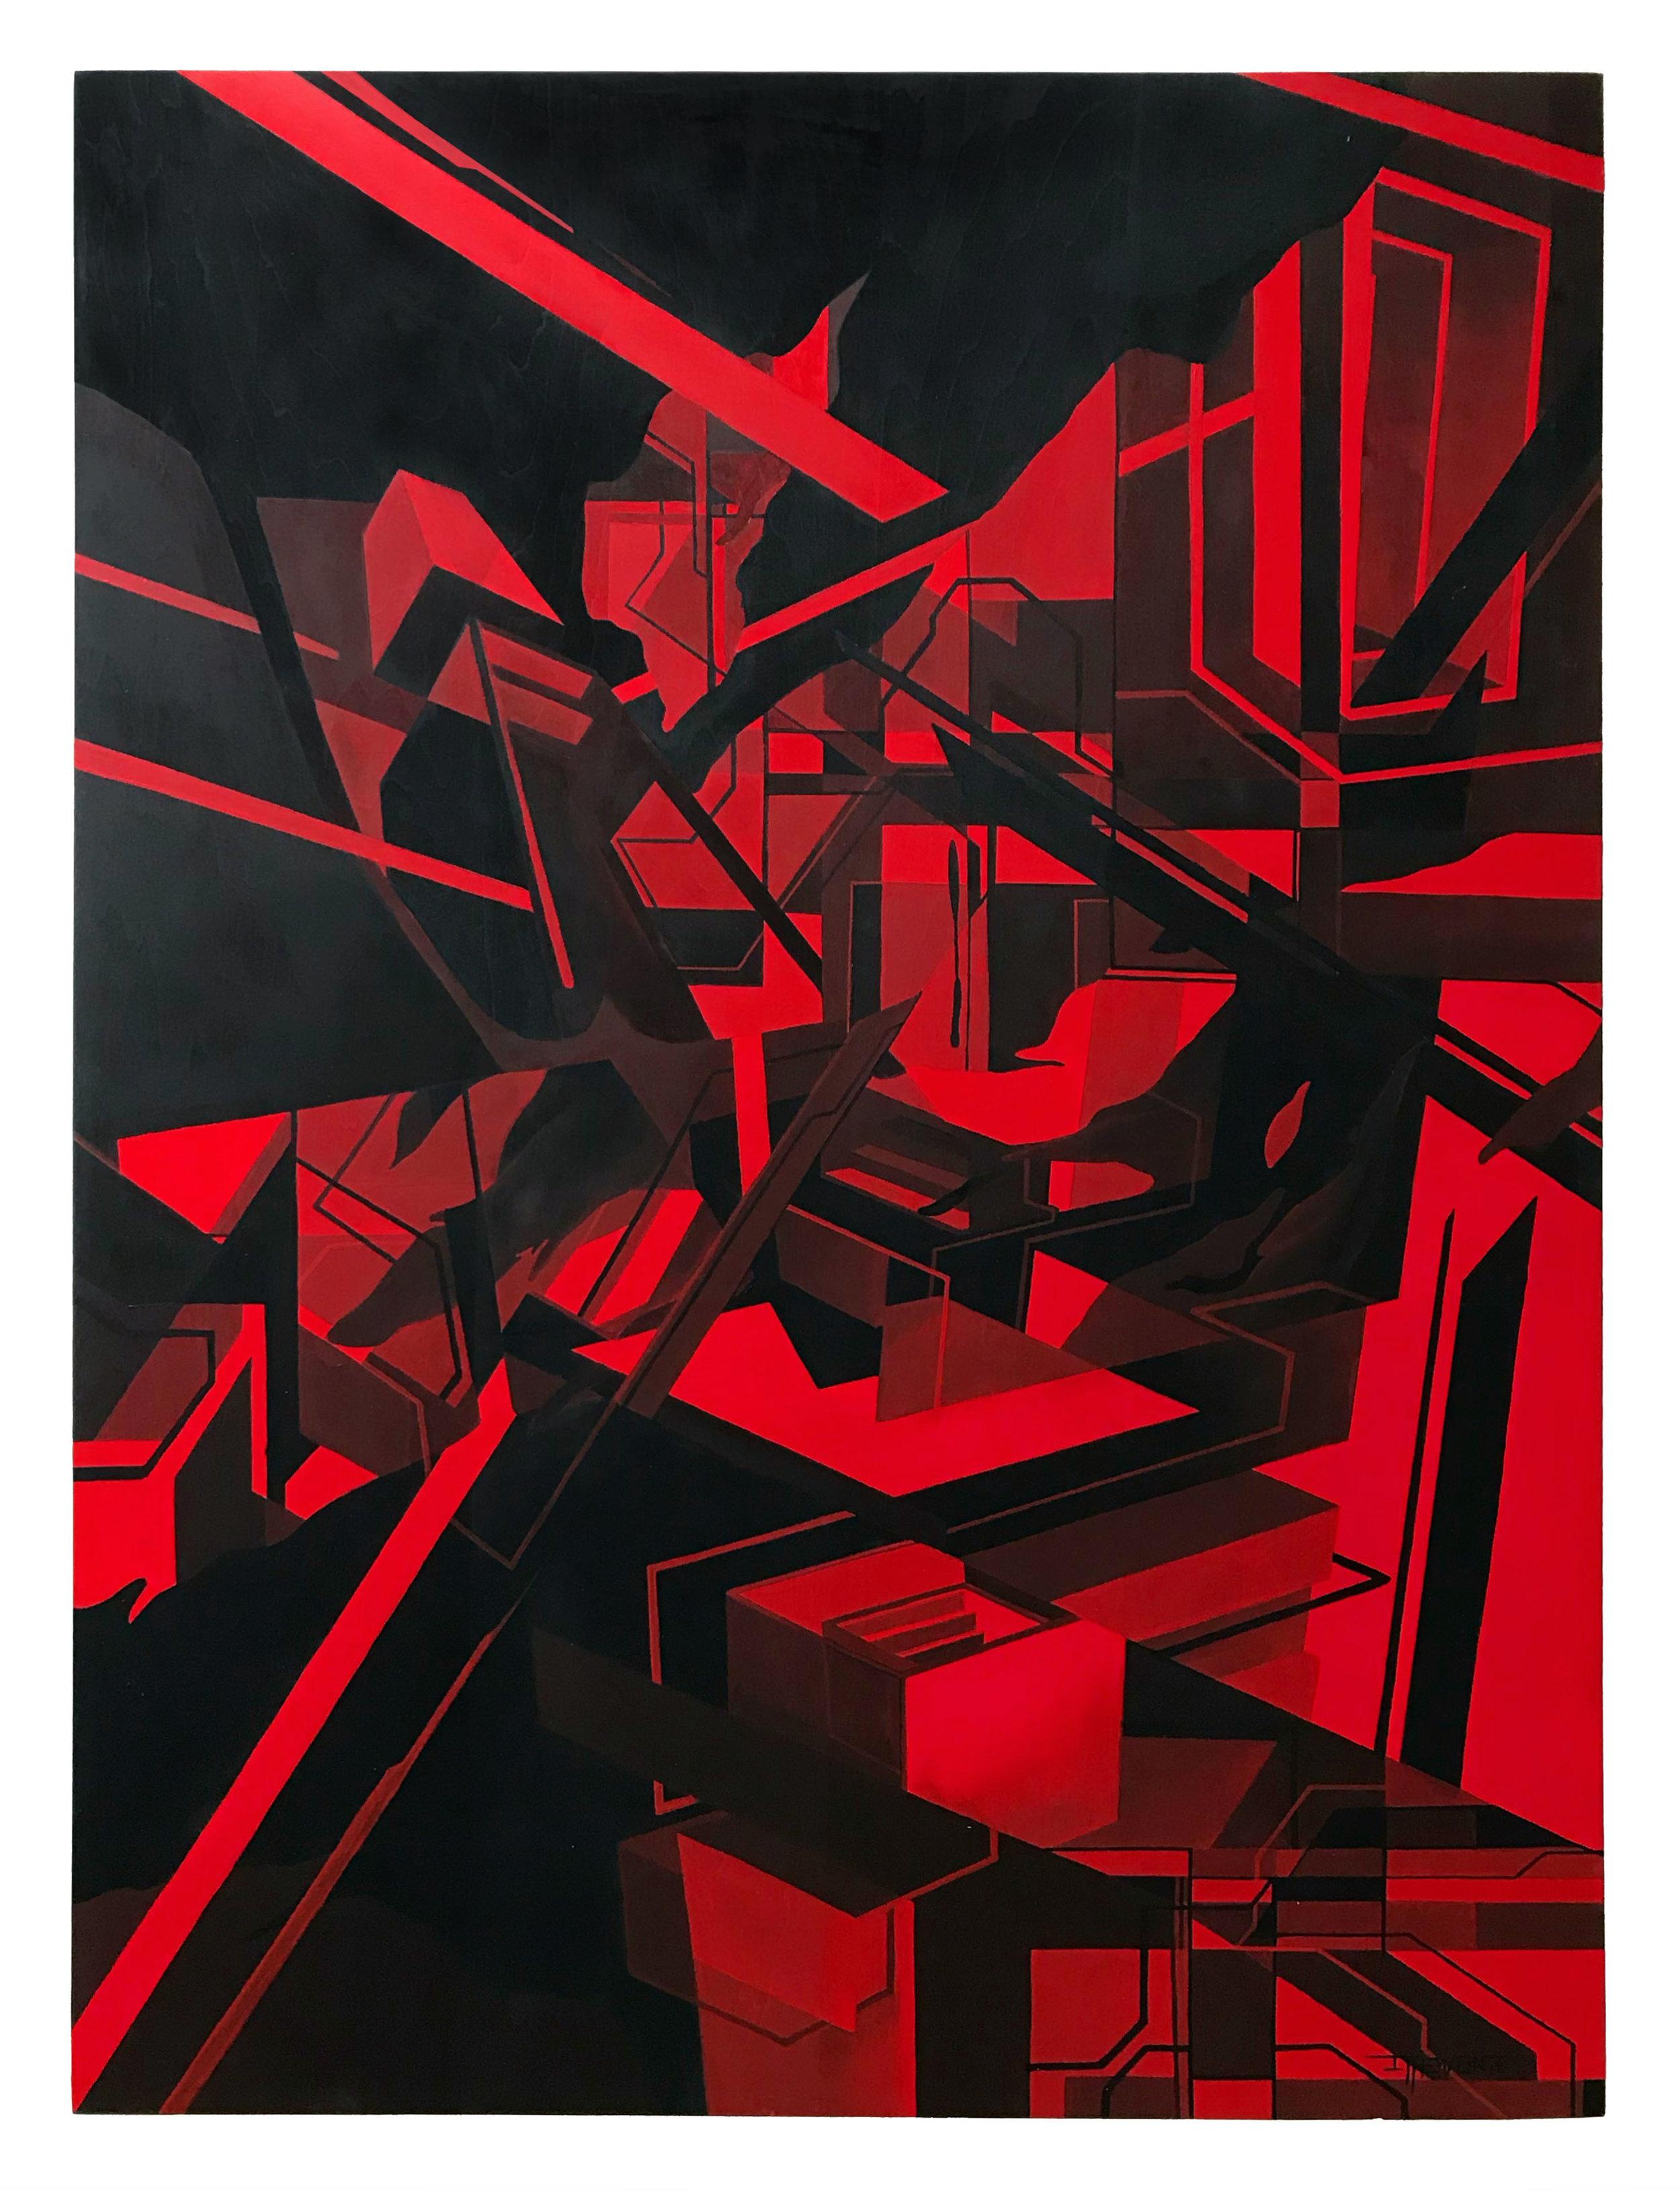 Plexus - 60cm x 80cm x 5cm - Acrylic on wood - 2018